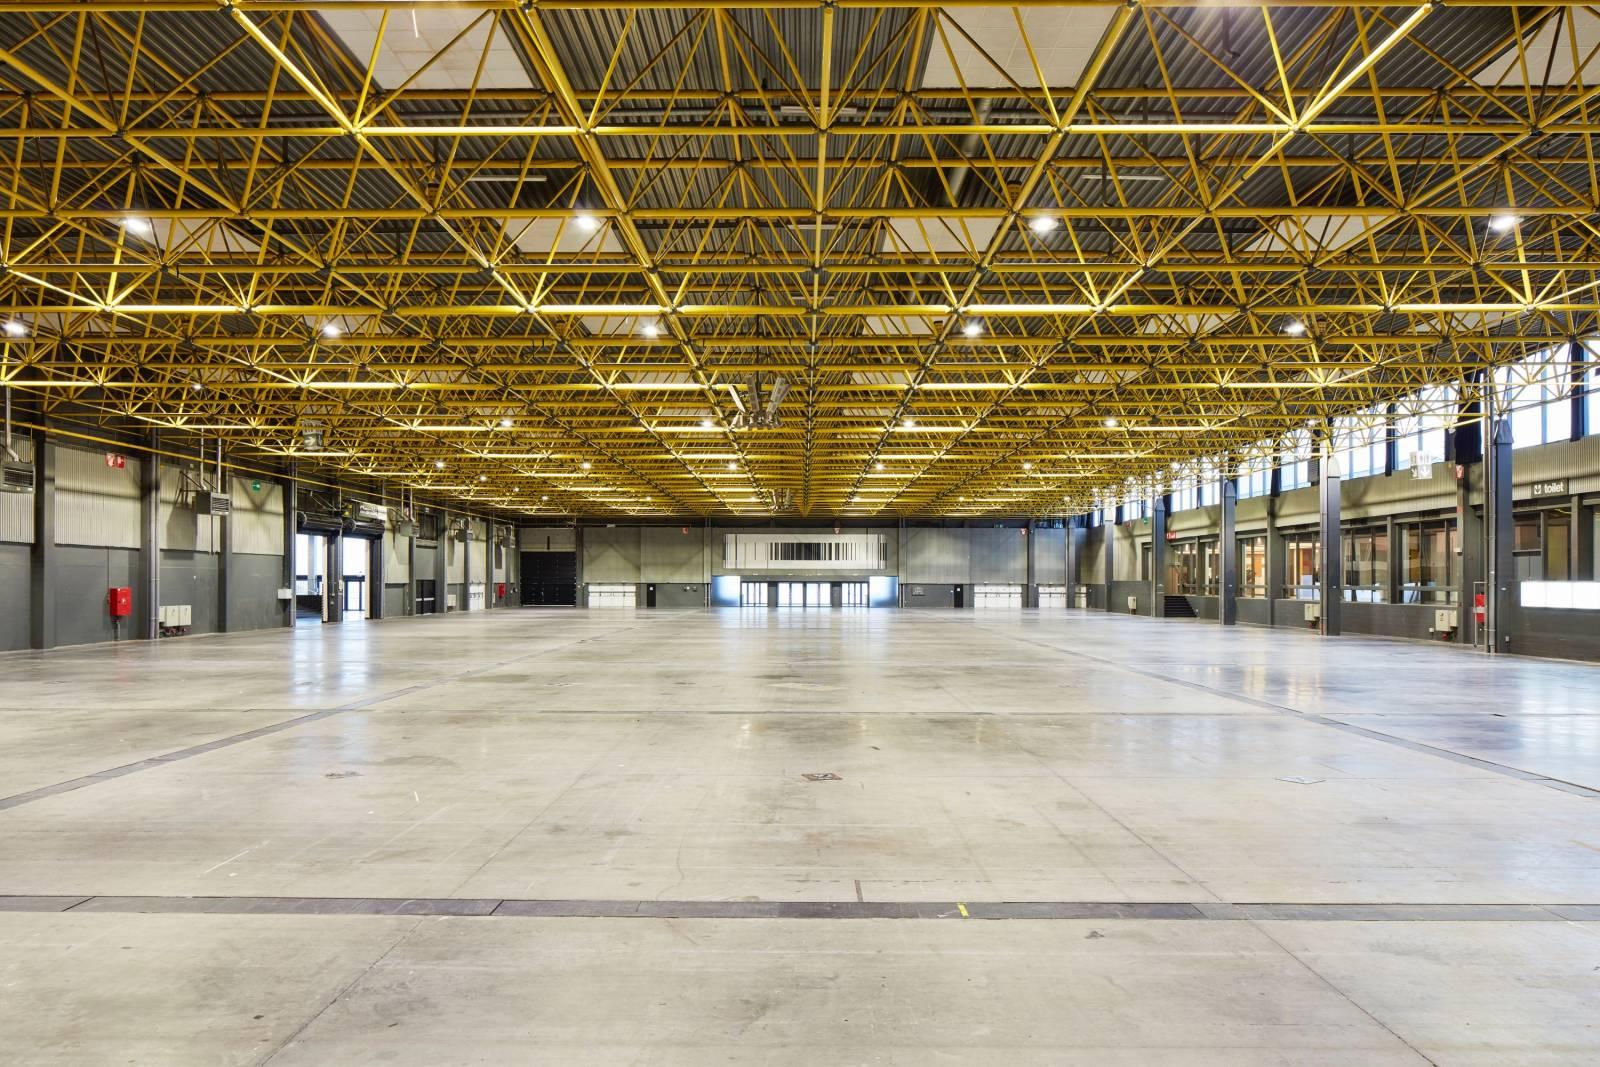 Kortrijk Xpo - Eventlocatie - Feestzaal - Kortrijk - Expohal - House of Events - 9